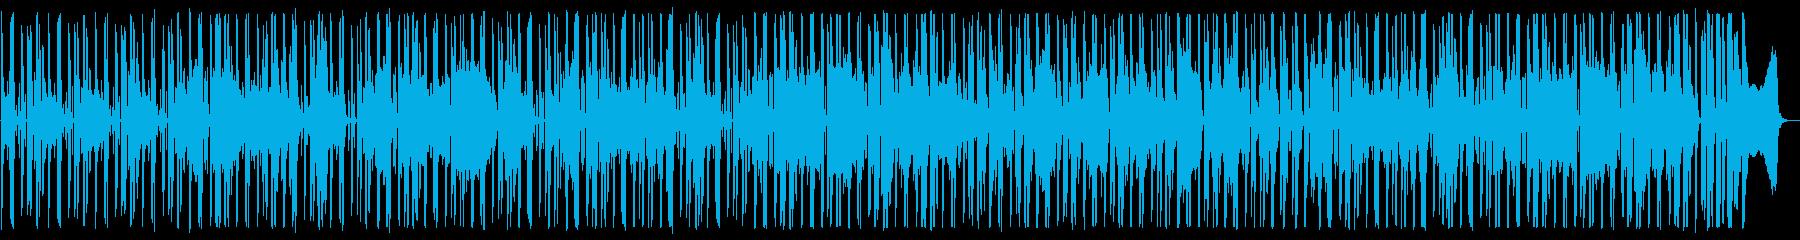 怪しげなファンク/探偵の調査BGMの再生済みの波形